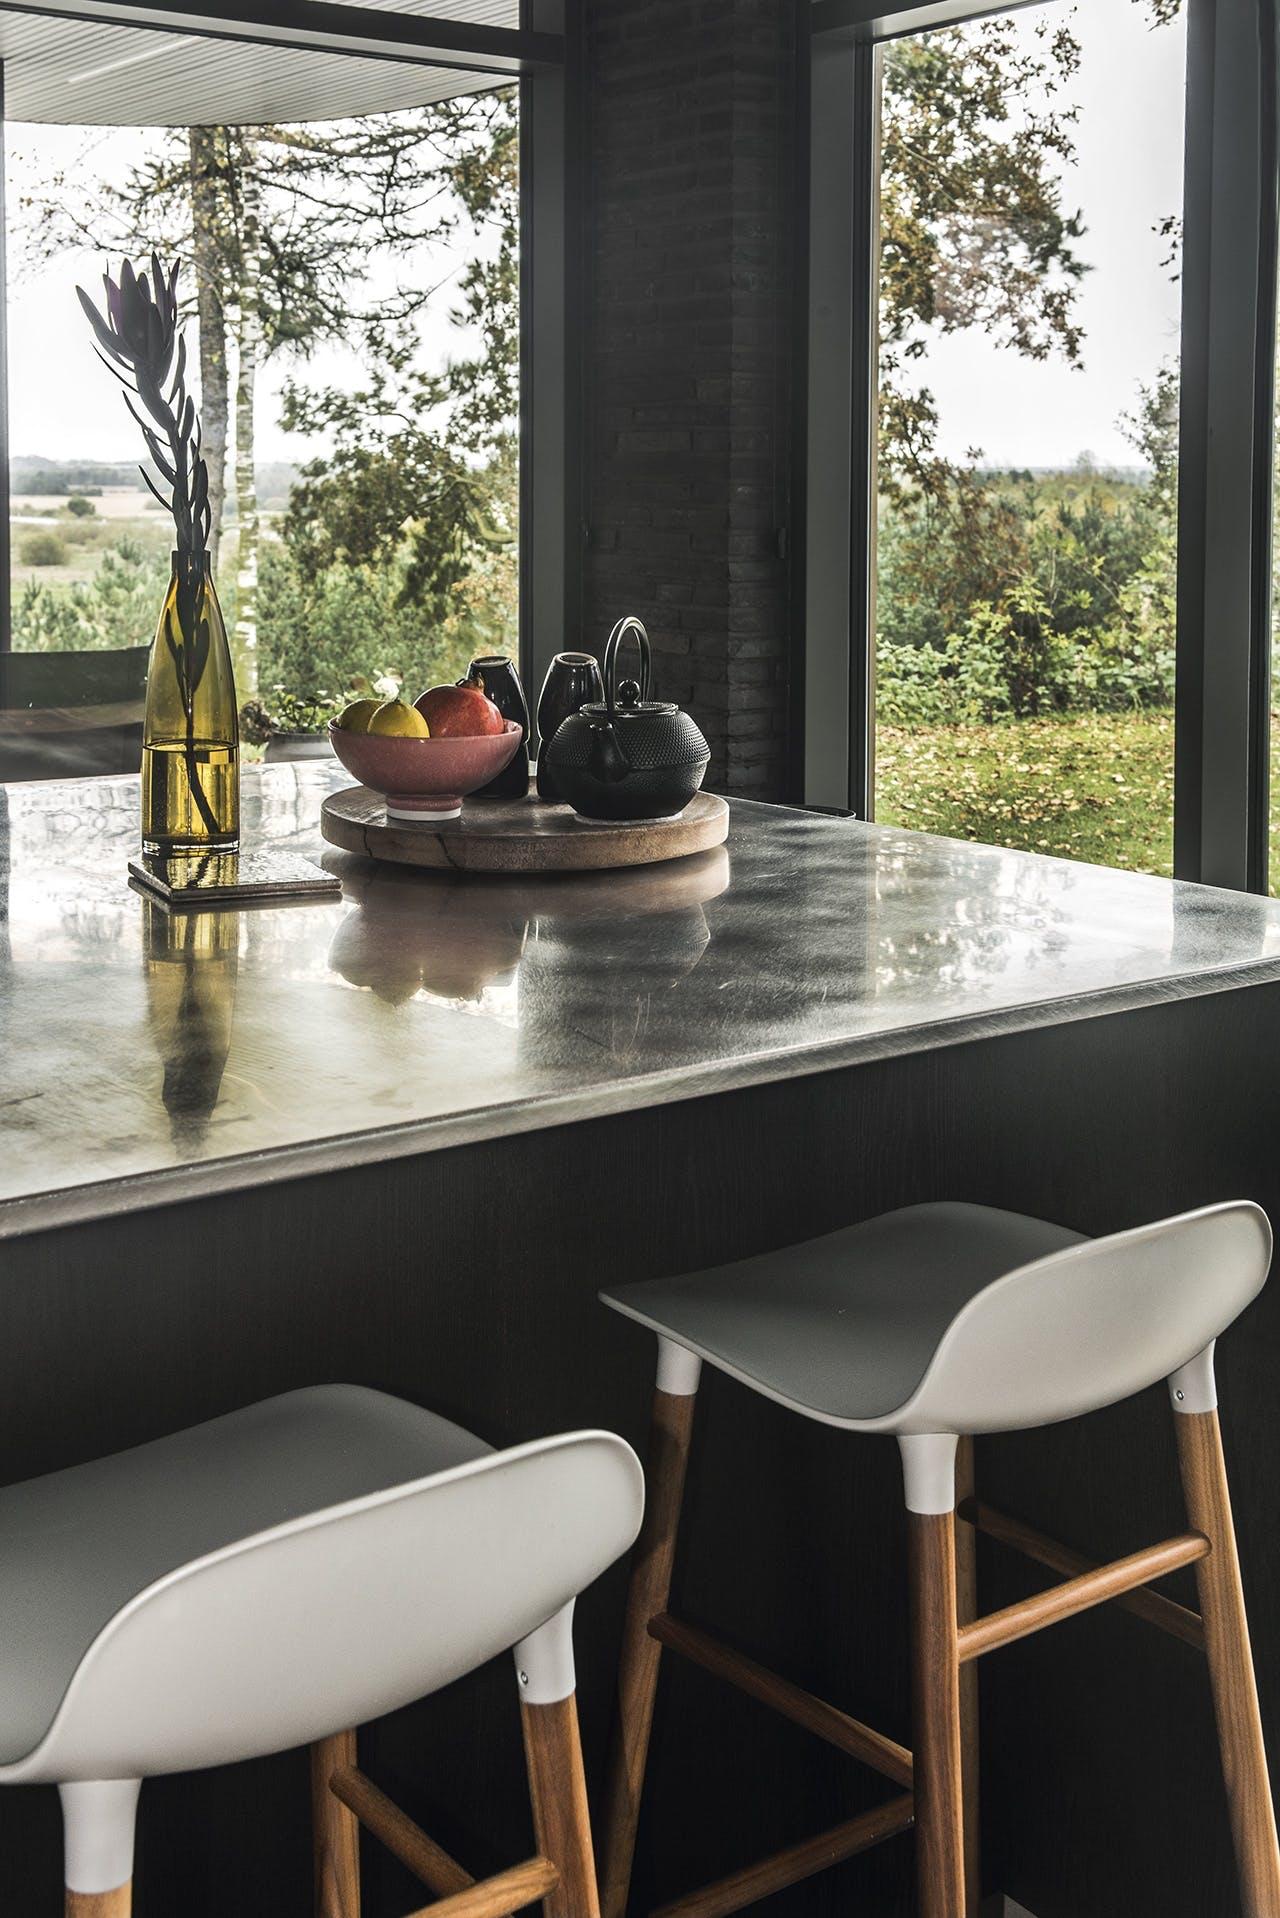 bolig boliger indretning arkitekttegnet huse køkken kogeø køkkenø